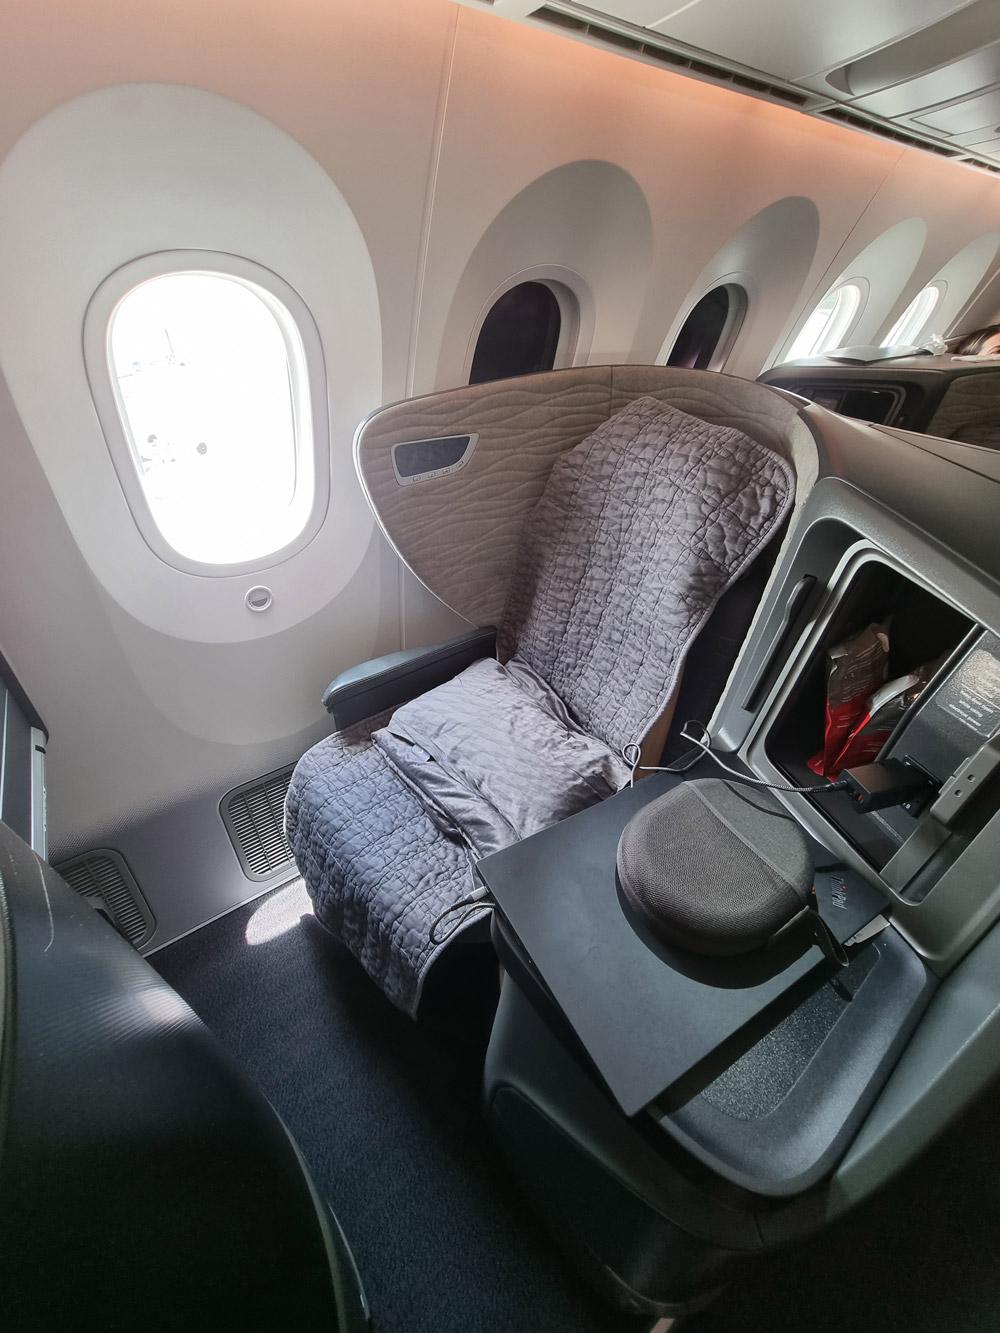 Кресло бизнес-класса в Boeing 787-9 Turkish Airlines после того, как его застелили